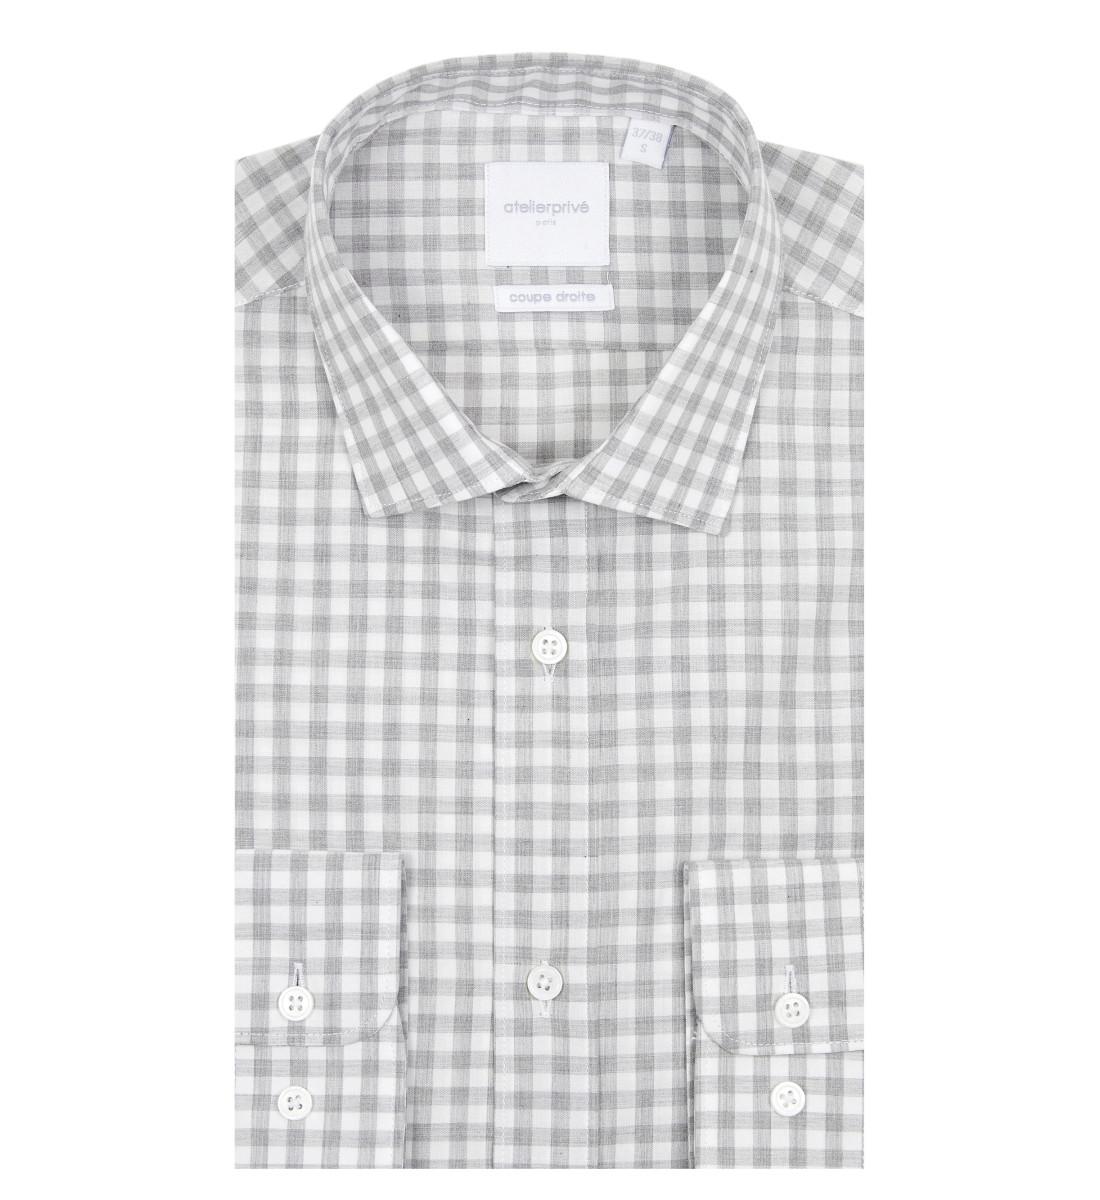 Chemise coupe droite ABIE